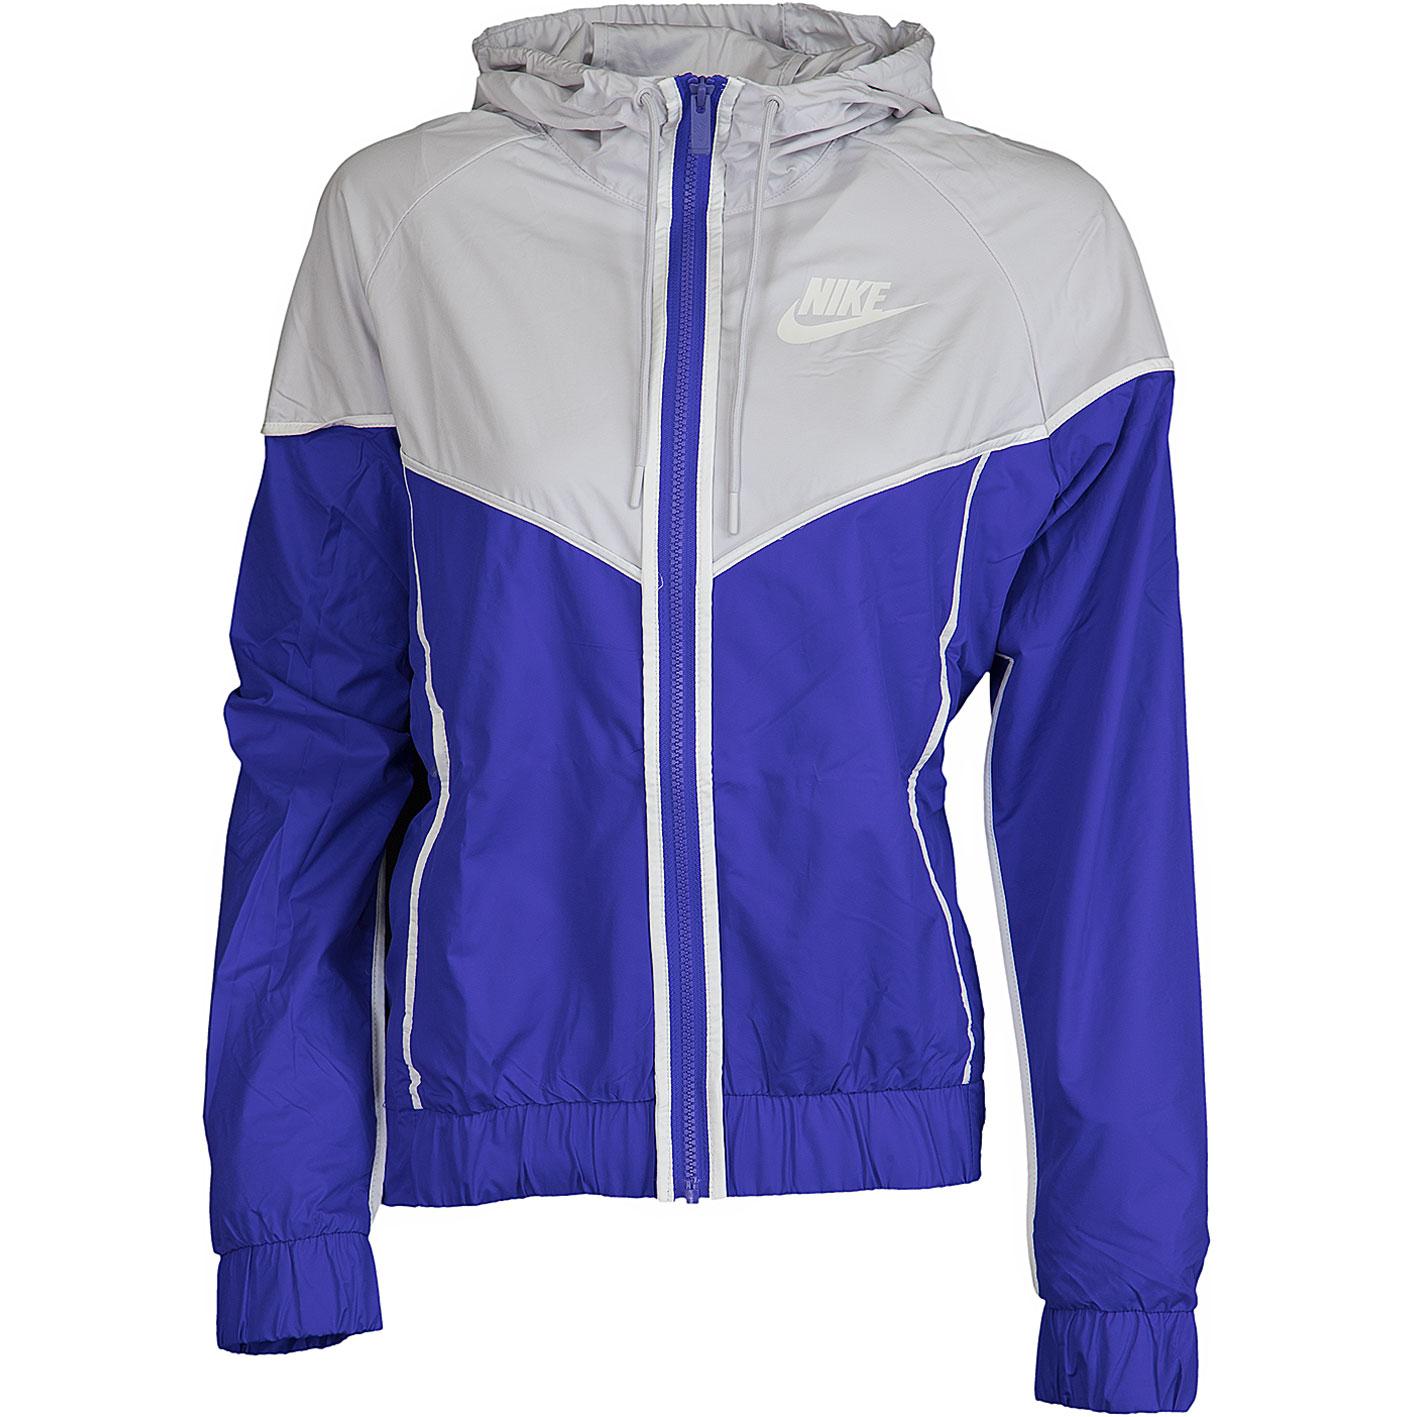 34245f80f9d78 ☆ Nike Damen Jacke Windrunner violett grau - hier bestellen!